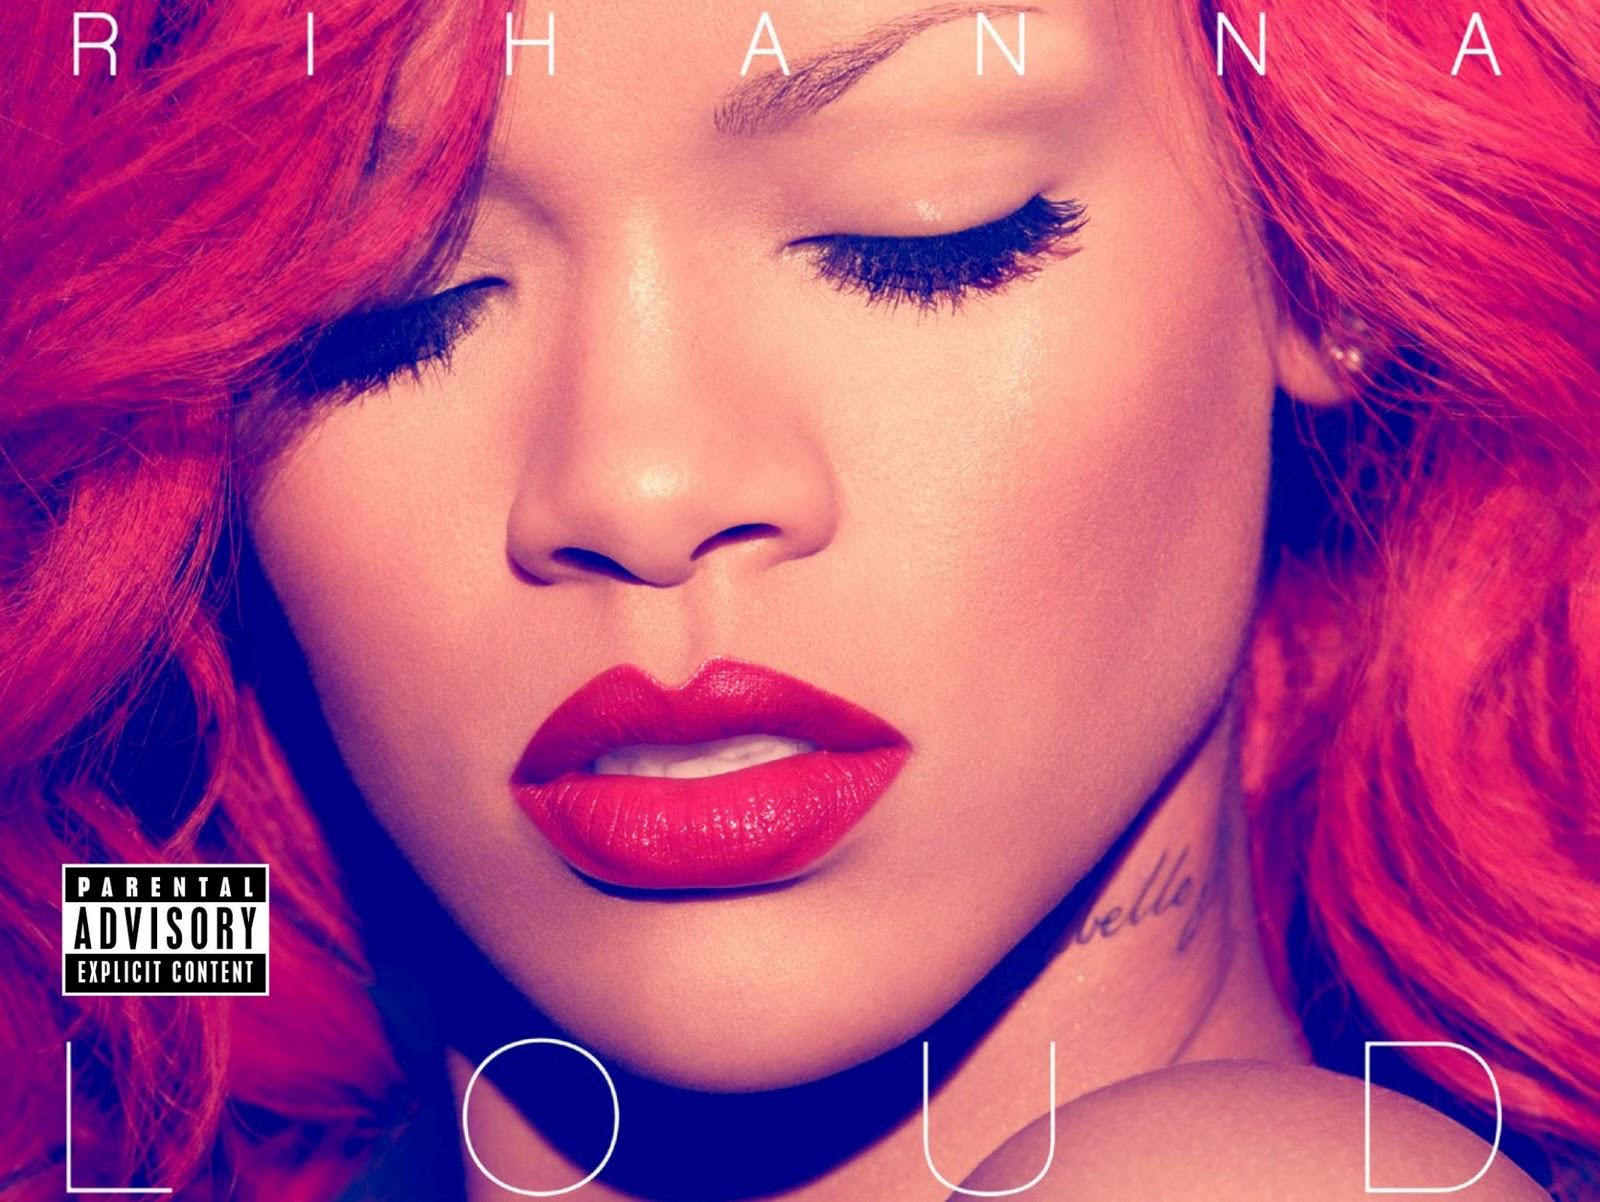 http://4.bp.blogspot.com/_tgr4WZRwYSc/TN696GeGoHI/AAAAAAAAAUc/w-UedaHnvUs/s1600/Rihanna-83.jpg